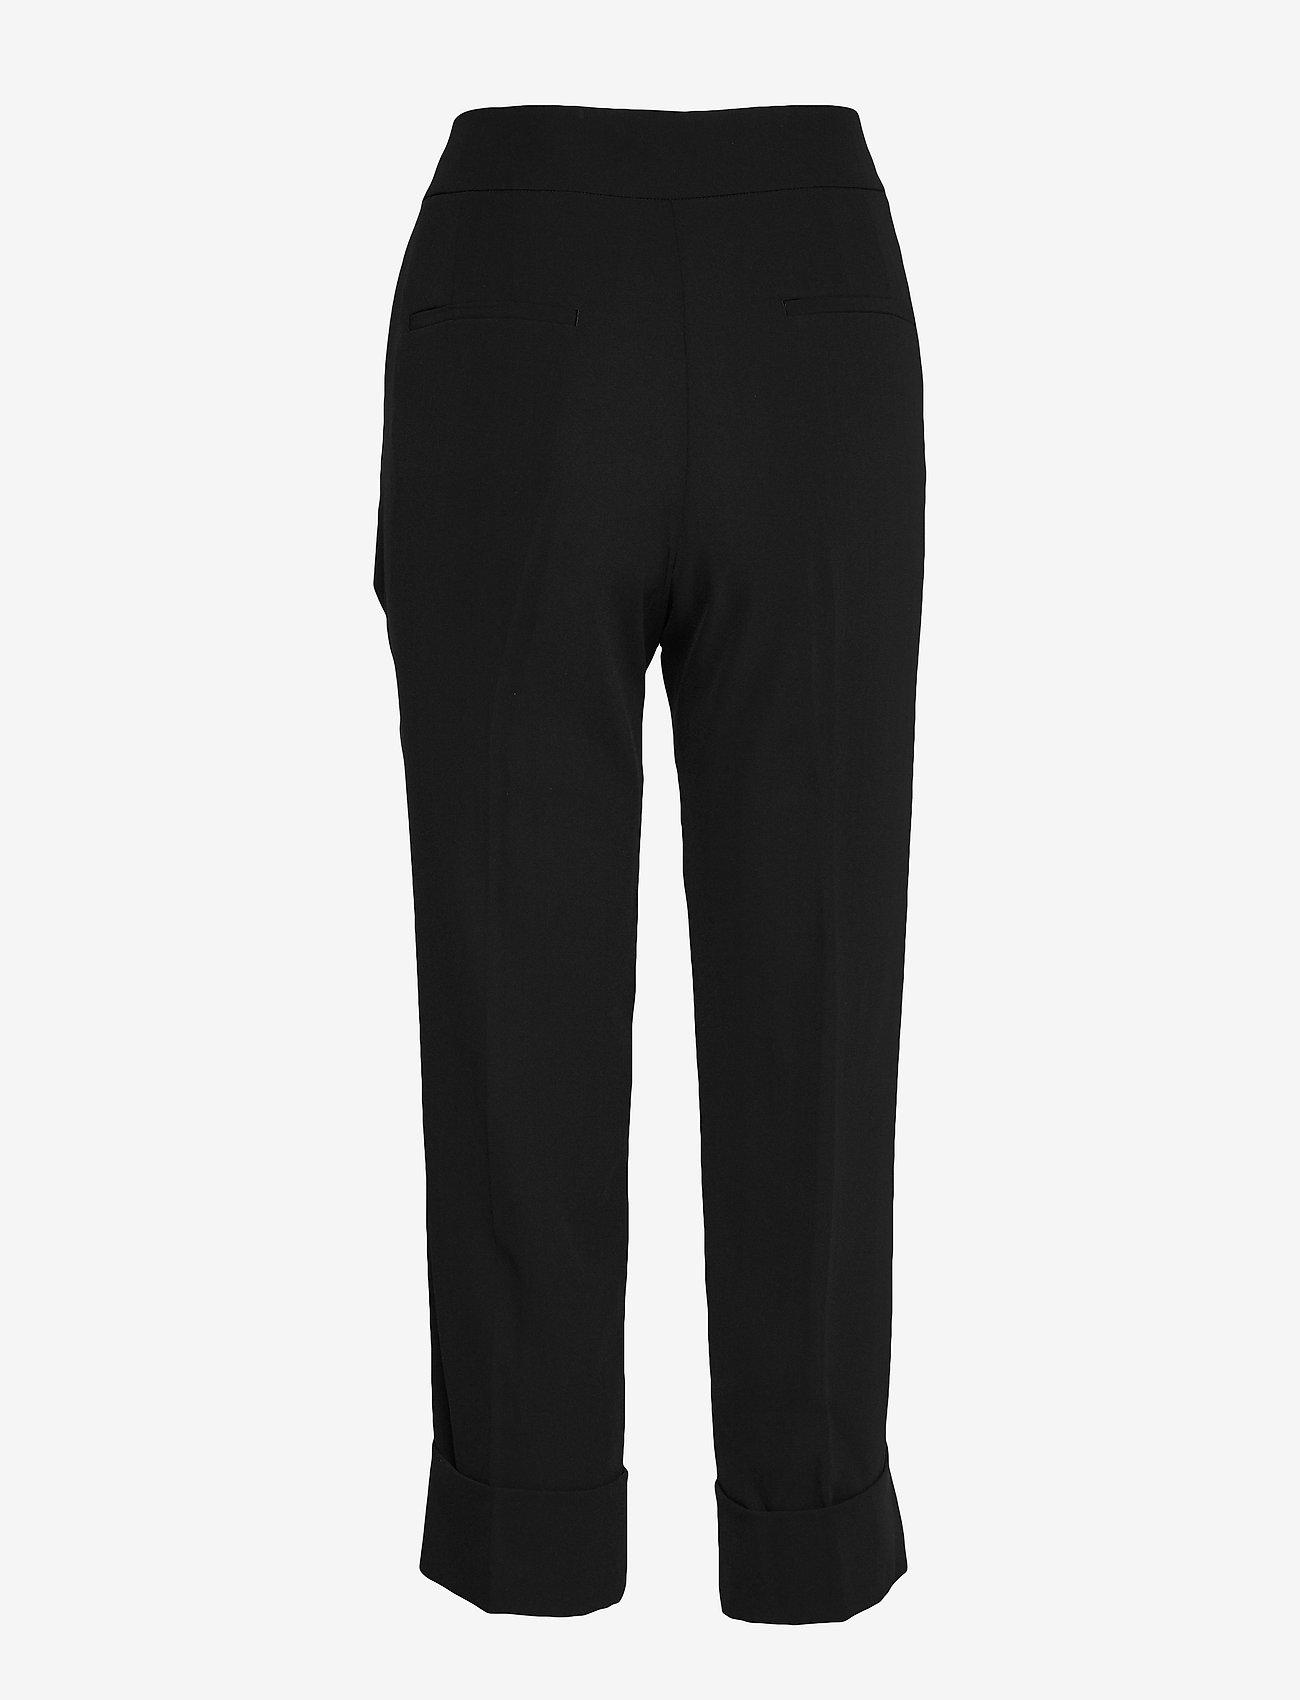 Hope Jet Trousers - Spodnie BLACK - Kobiety Odzież.